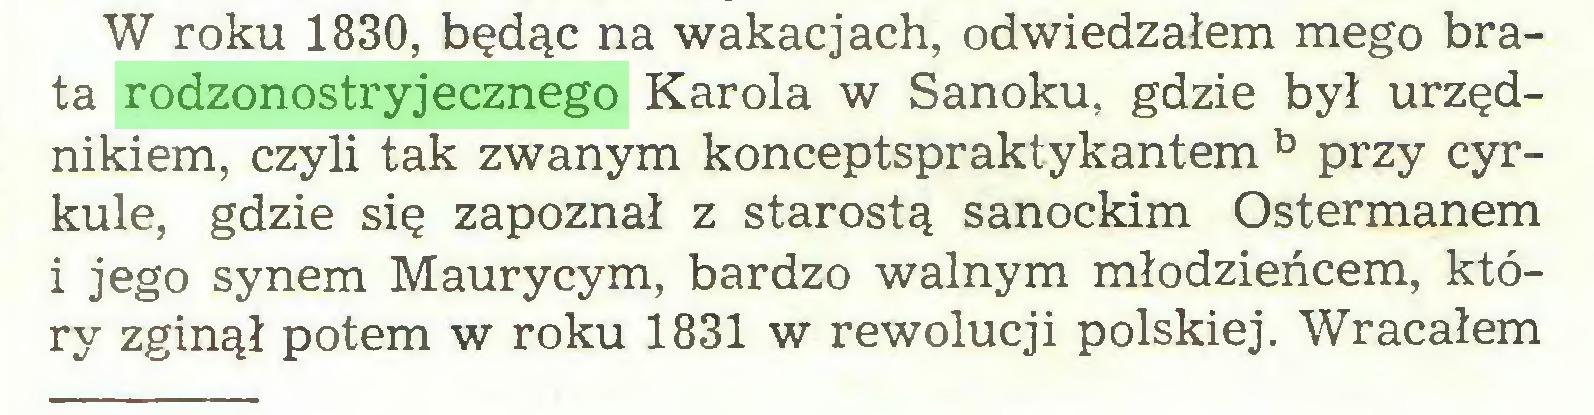 (...) W roku 1830, będąc na wakacjach, odwiedzałem mego brata rodzonostryjecznego Karola w Sanoku, gdzie był urzędnikiem, czyli tak zwanym konceptspraktykantem b przy cyrkule, gdzie się zapoznał z starostą sanockim Ostermanem i jego synem Maurycym, bardzo walnym młodzieńcem, który zginął potem w roku 1831 w rewolucji polskiej. Wracałem...